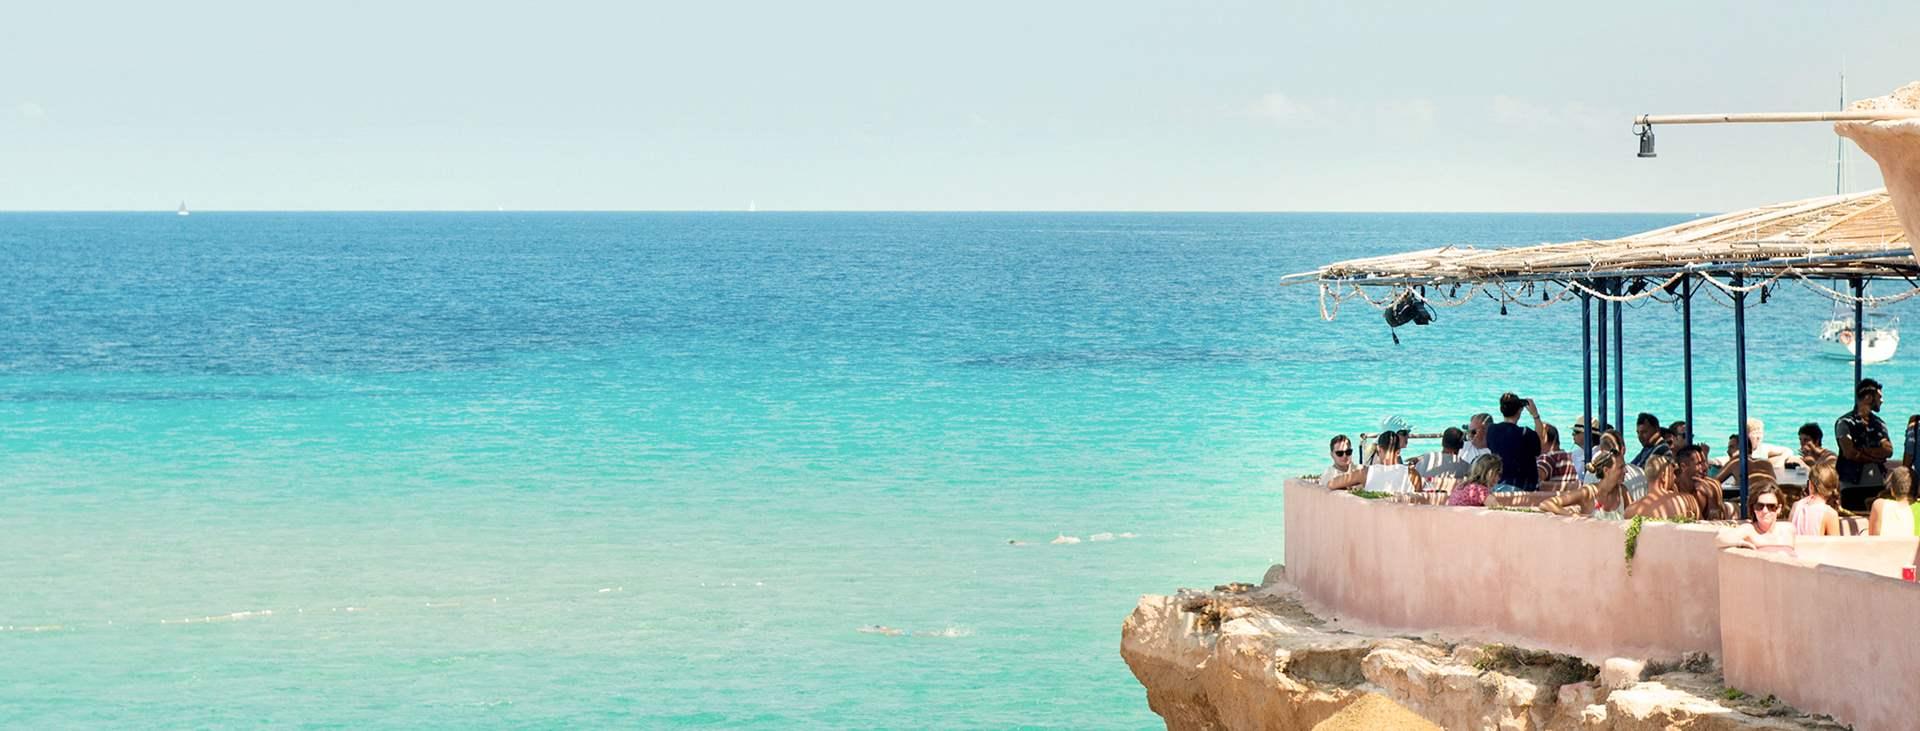 Varaa lomamatkasi Tjäreborgilta Ibizalle, Espanjaan